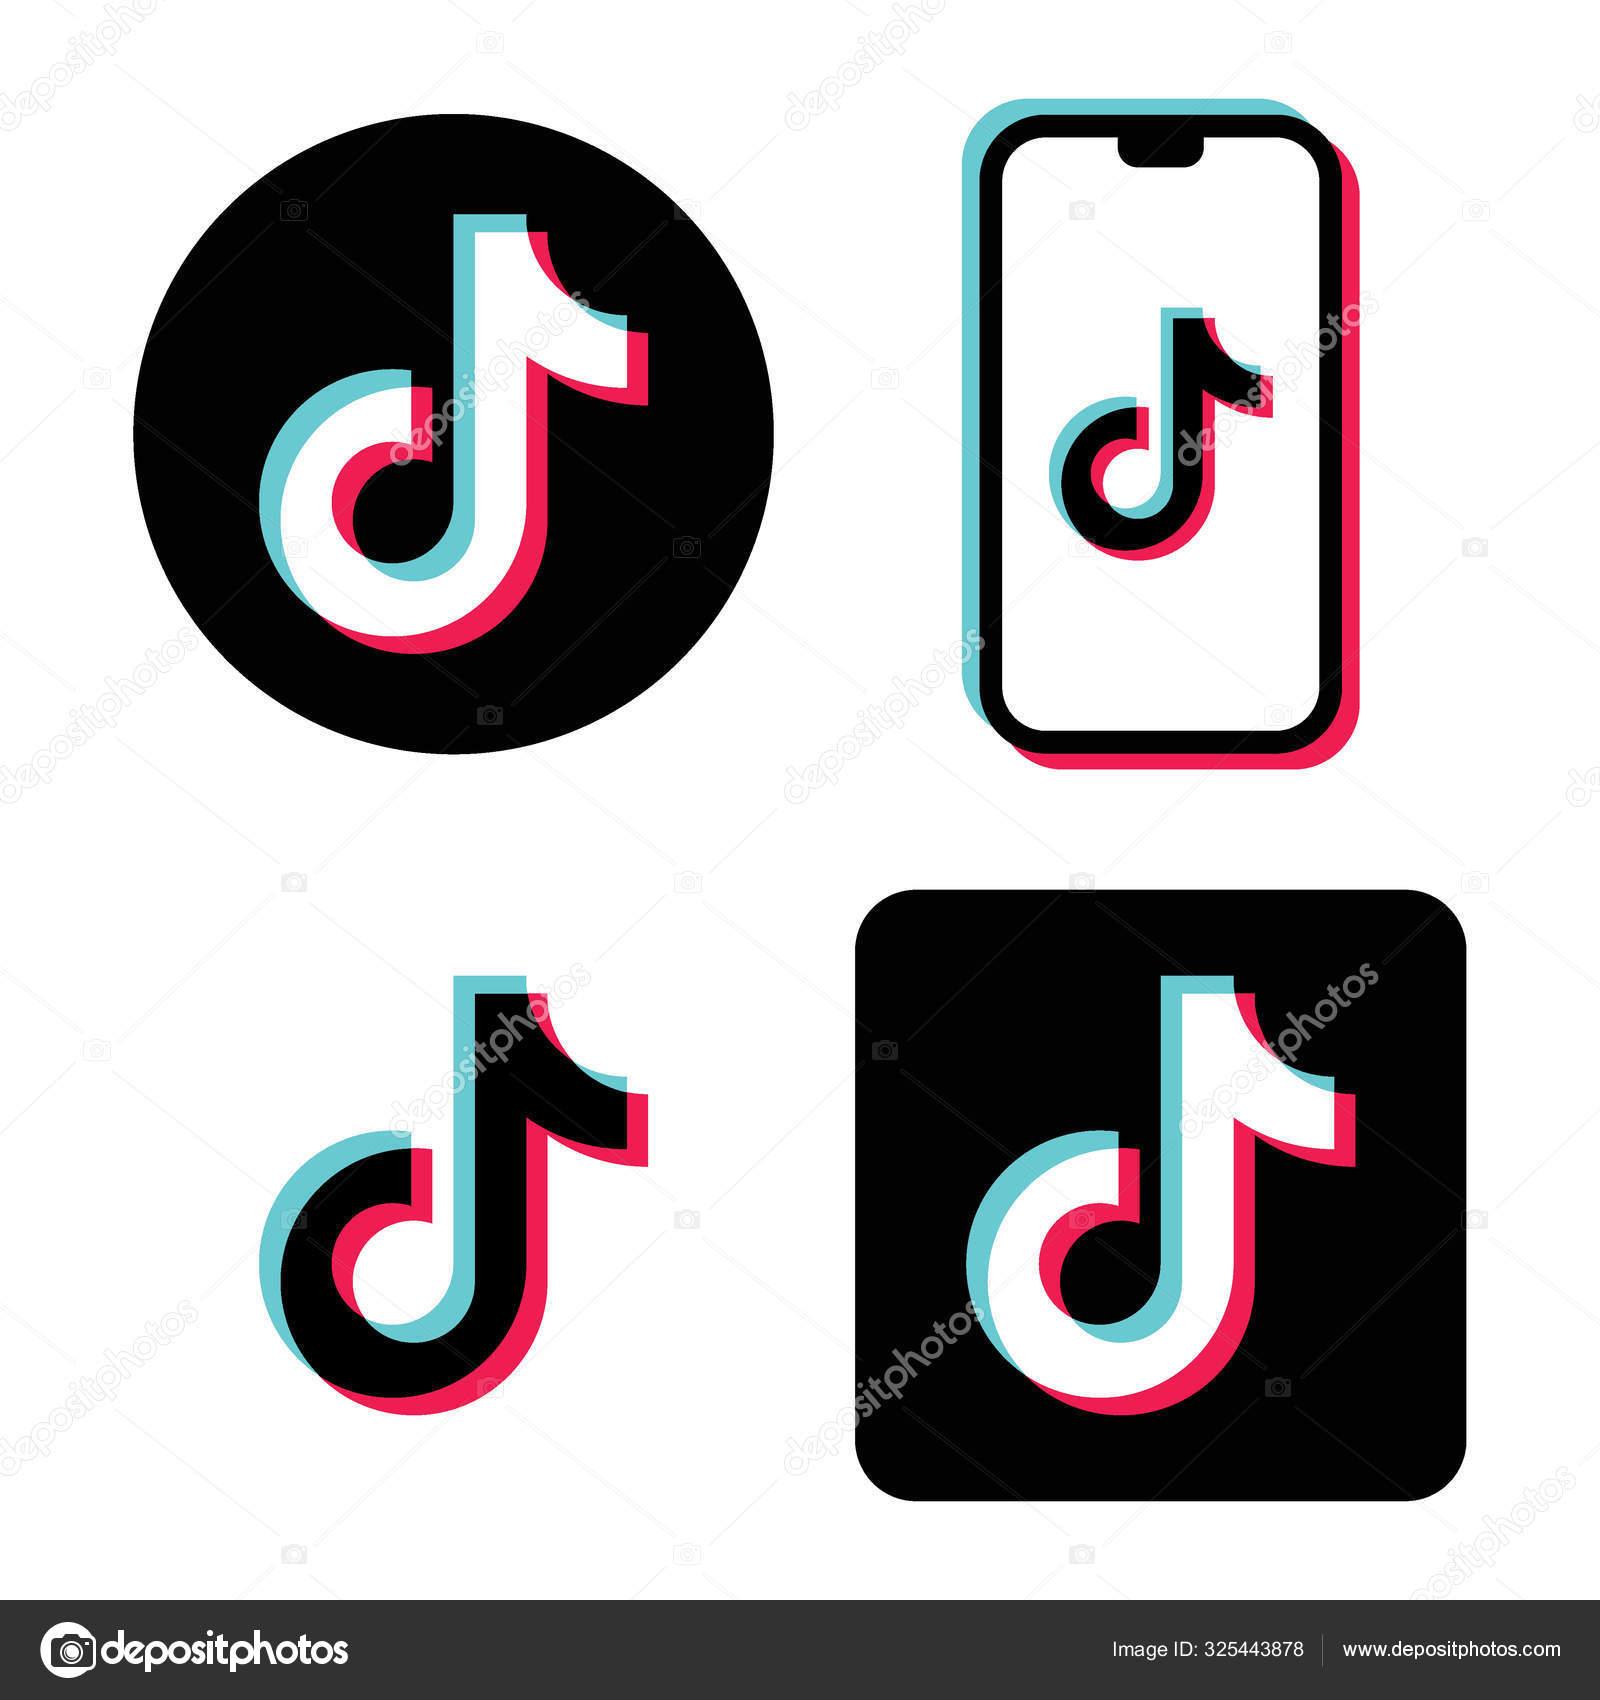 ᐈ Tik Tok Logo Stock Icon Royalty Free Tik Tok Vectors Download On Depositphotos